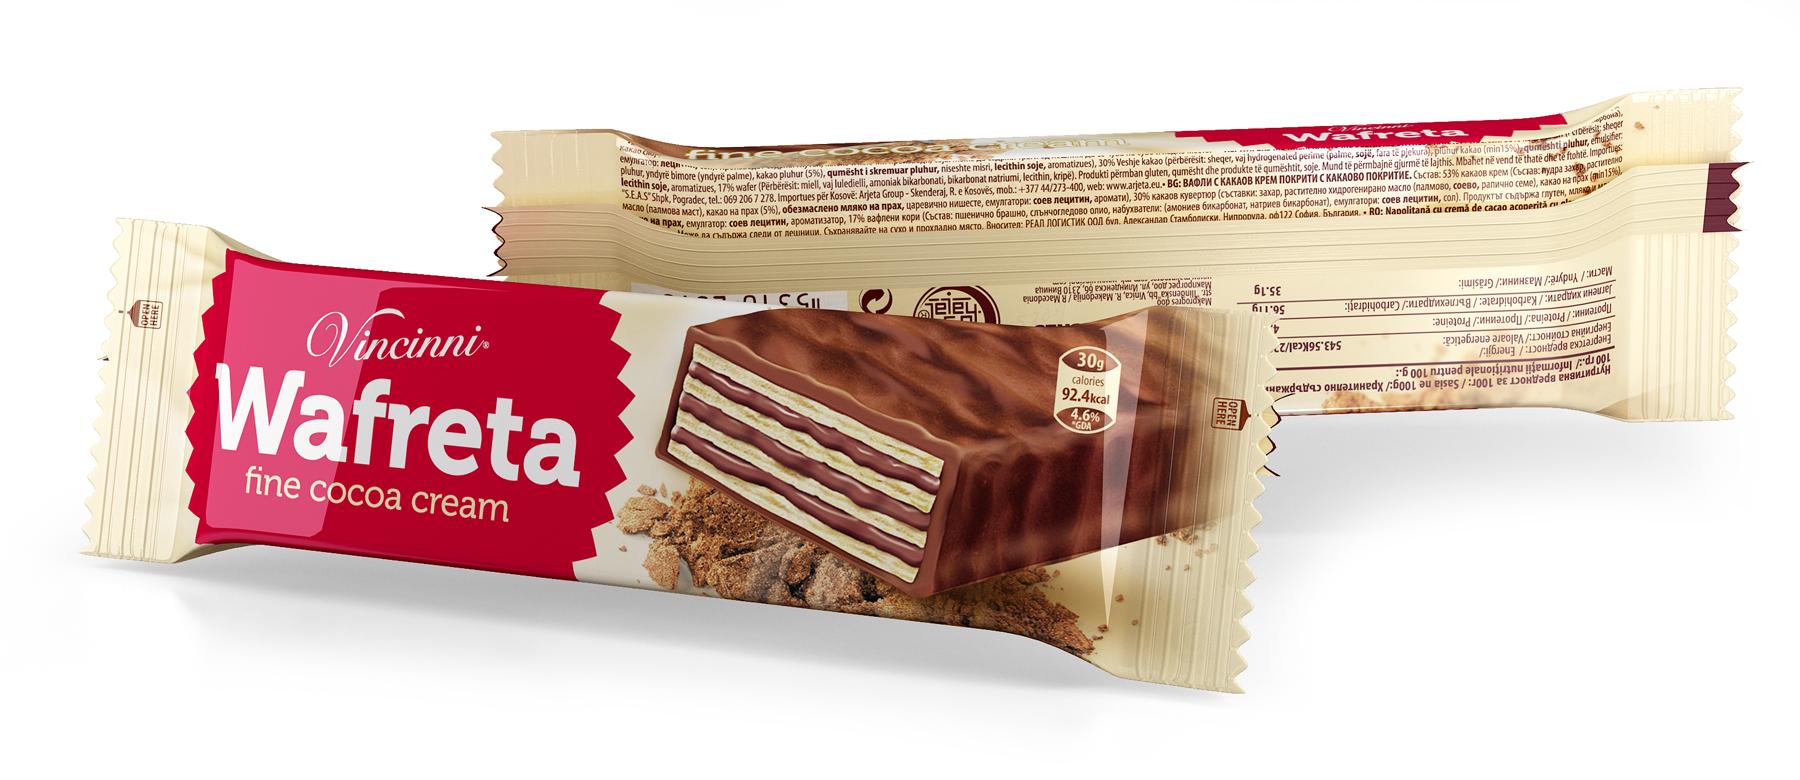 Дизайн на опаковка за вафли Wafreta. Vincinni. Клиент: Макпрогрес